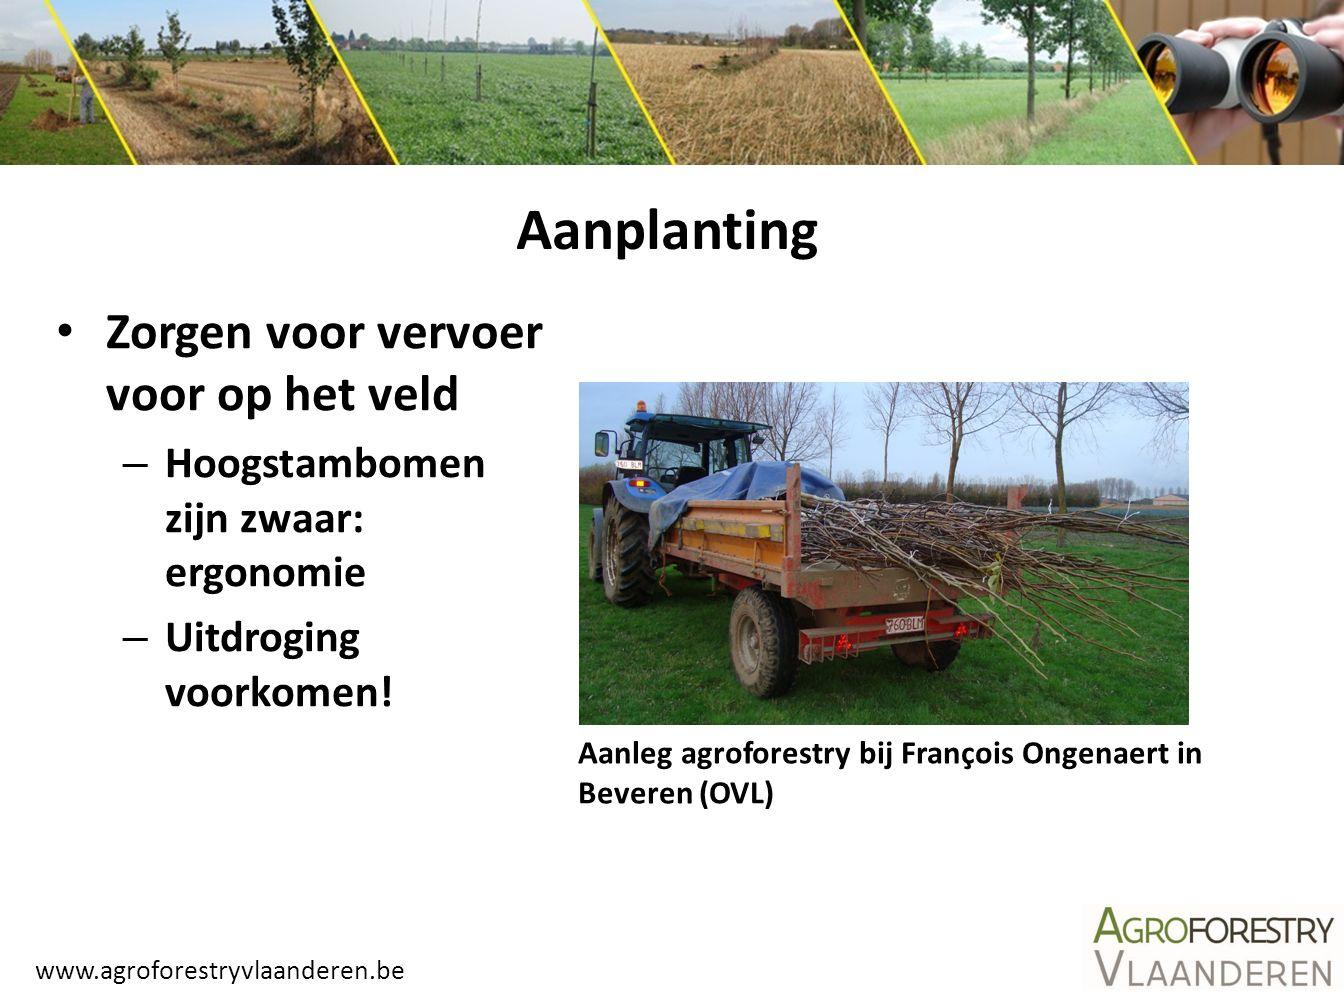 www.agroforestryvlaanderen.be Aanleg agroforestry bij François Ongenaert in Beveren (OVL) Aanplanting Zorgen voor vervoer voor op het veld – Hoogstamb